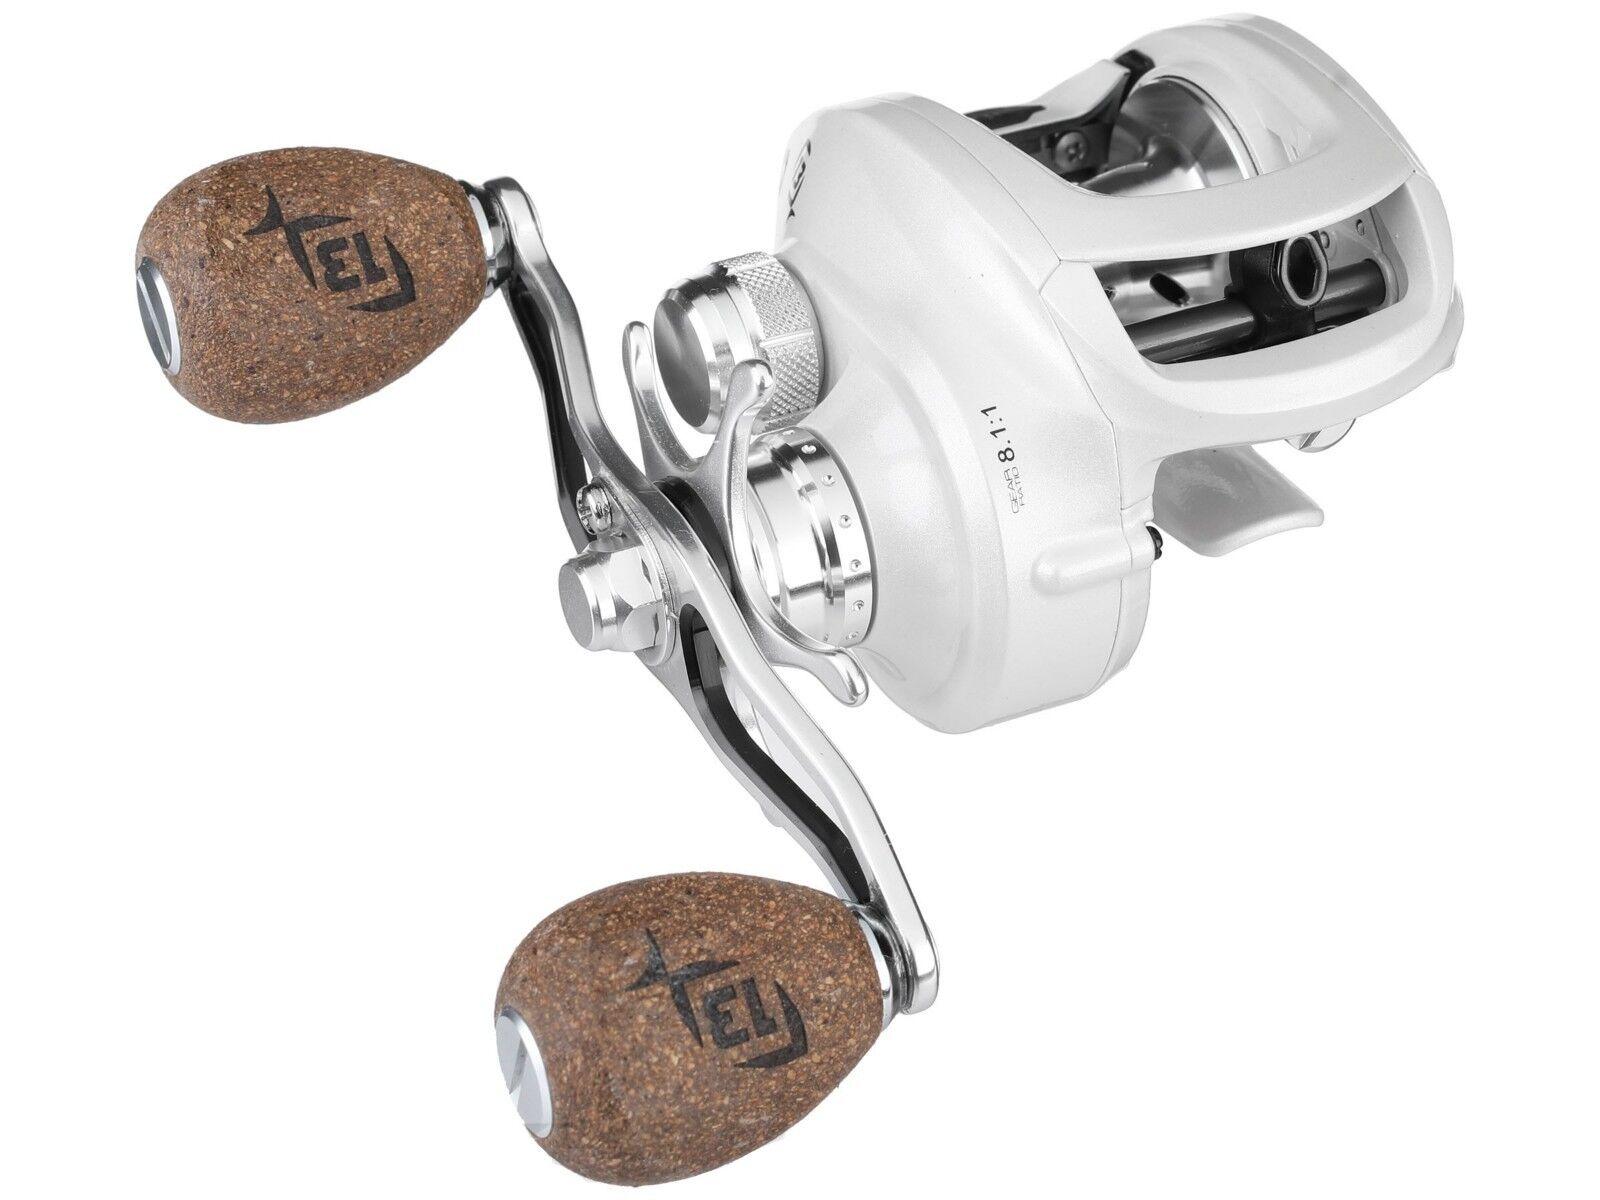 13 concepto de pesca C-Ultra-Ligero (6.2 OZ) Bass Baitcasting Reel De Pesca